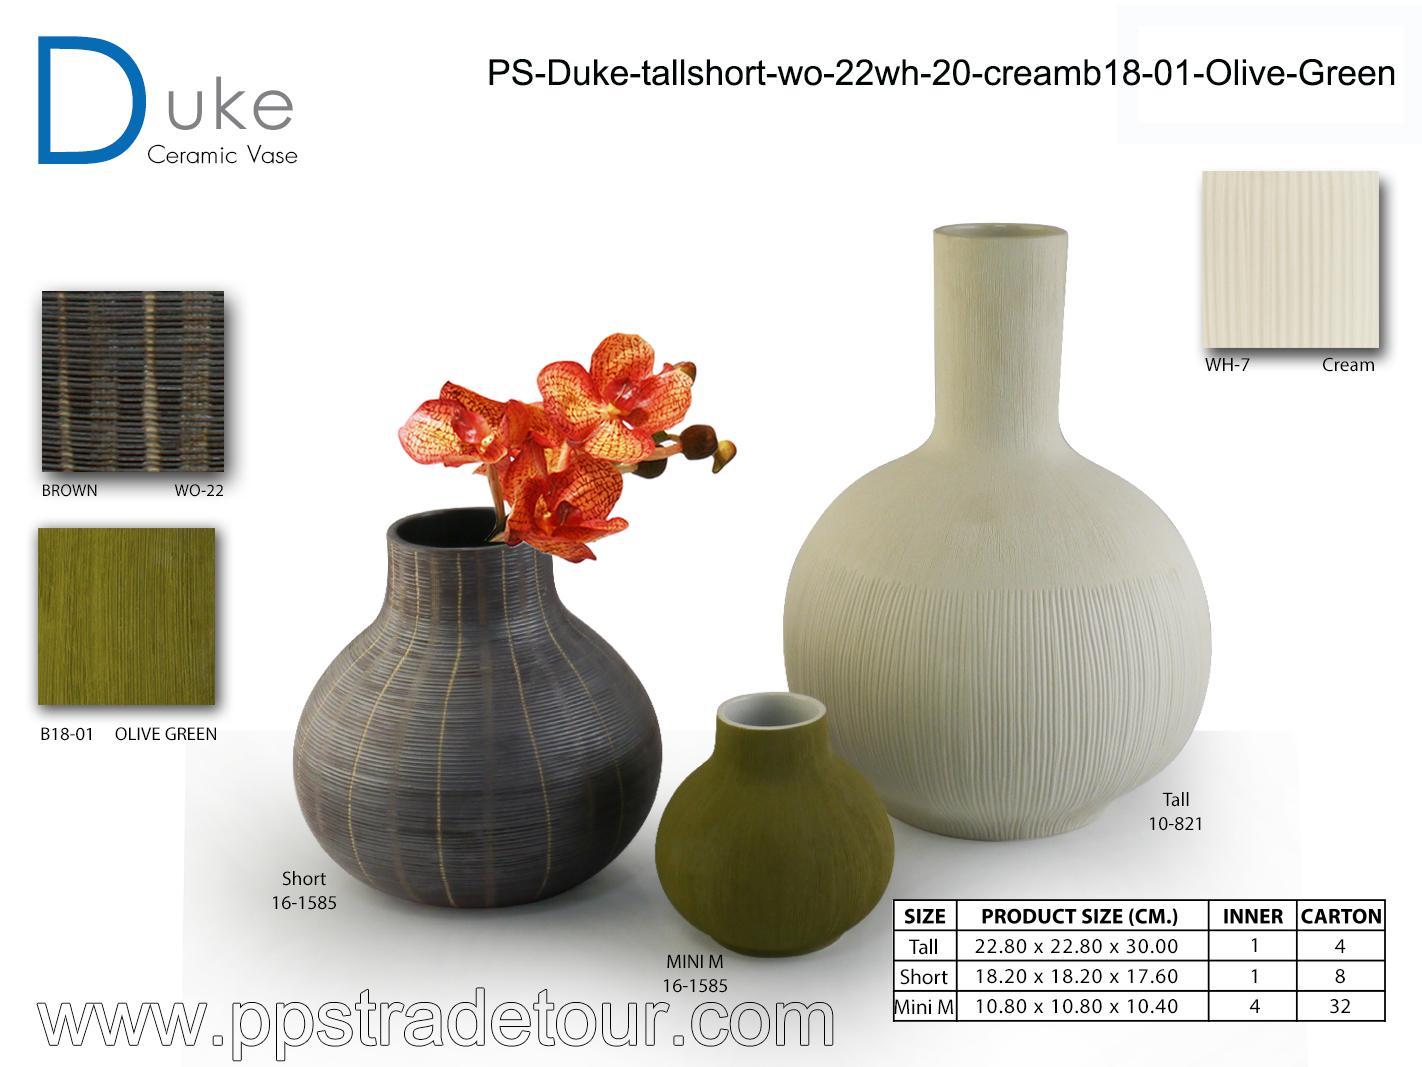 PSCV-DUKE-TALLSHORT-WO-22WH-20-CREAMB18-01-OLIVE-GREEN